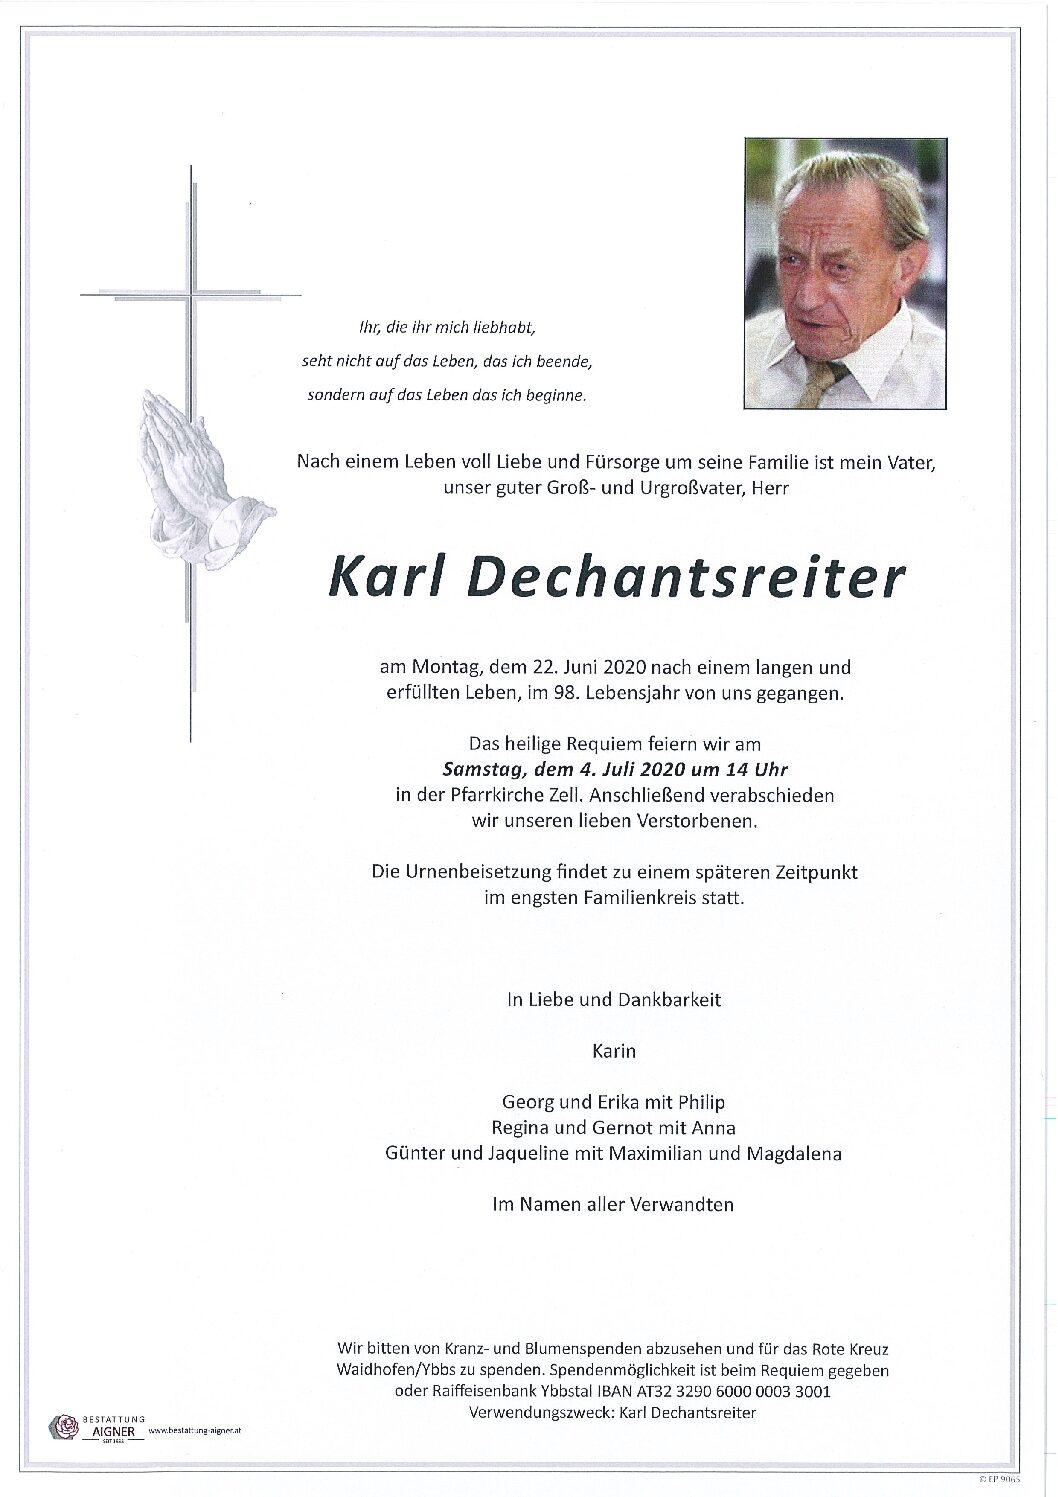 Karl Dechantsreiter